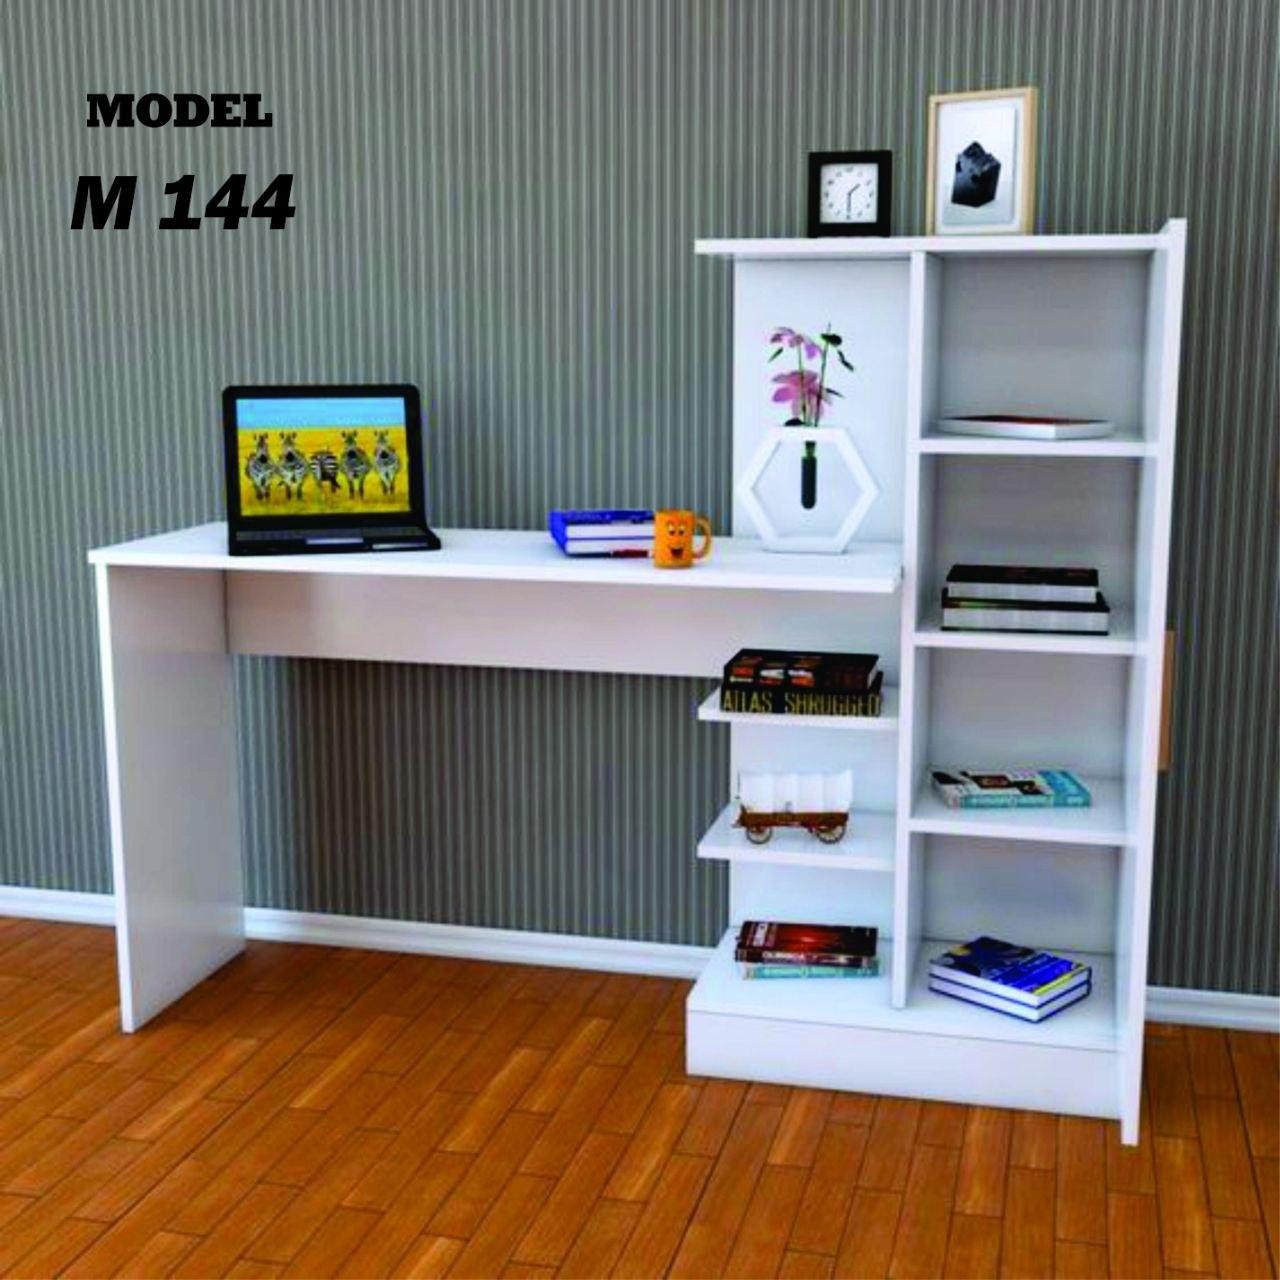 تصویر میز تحریر کتابخانه دار مدل M144